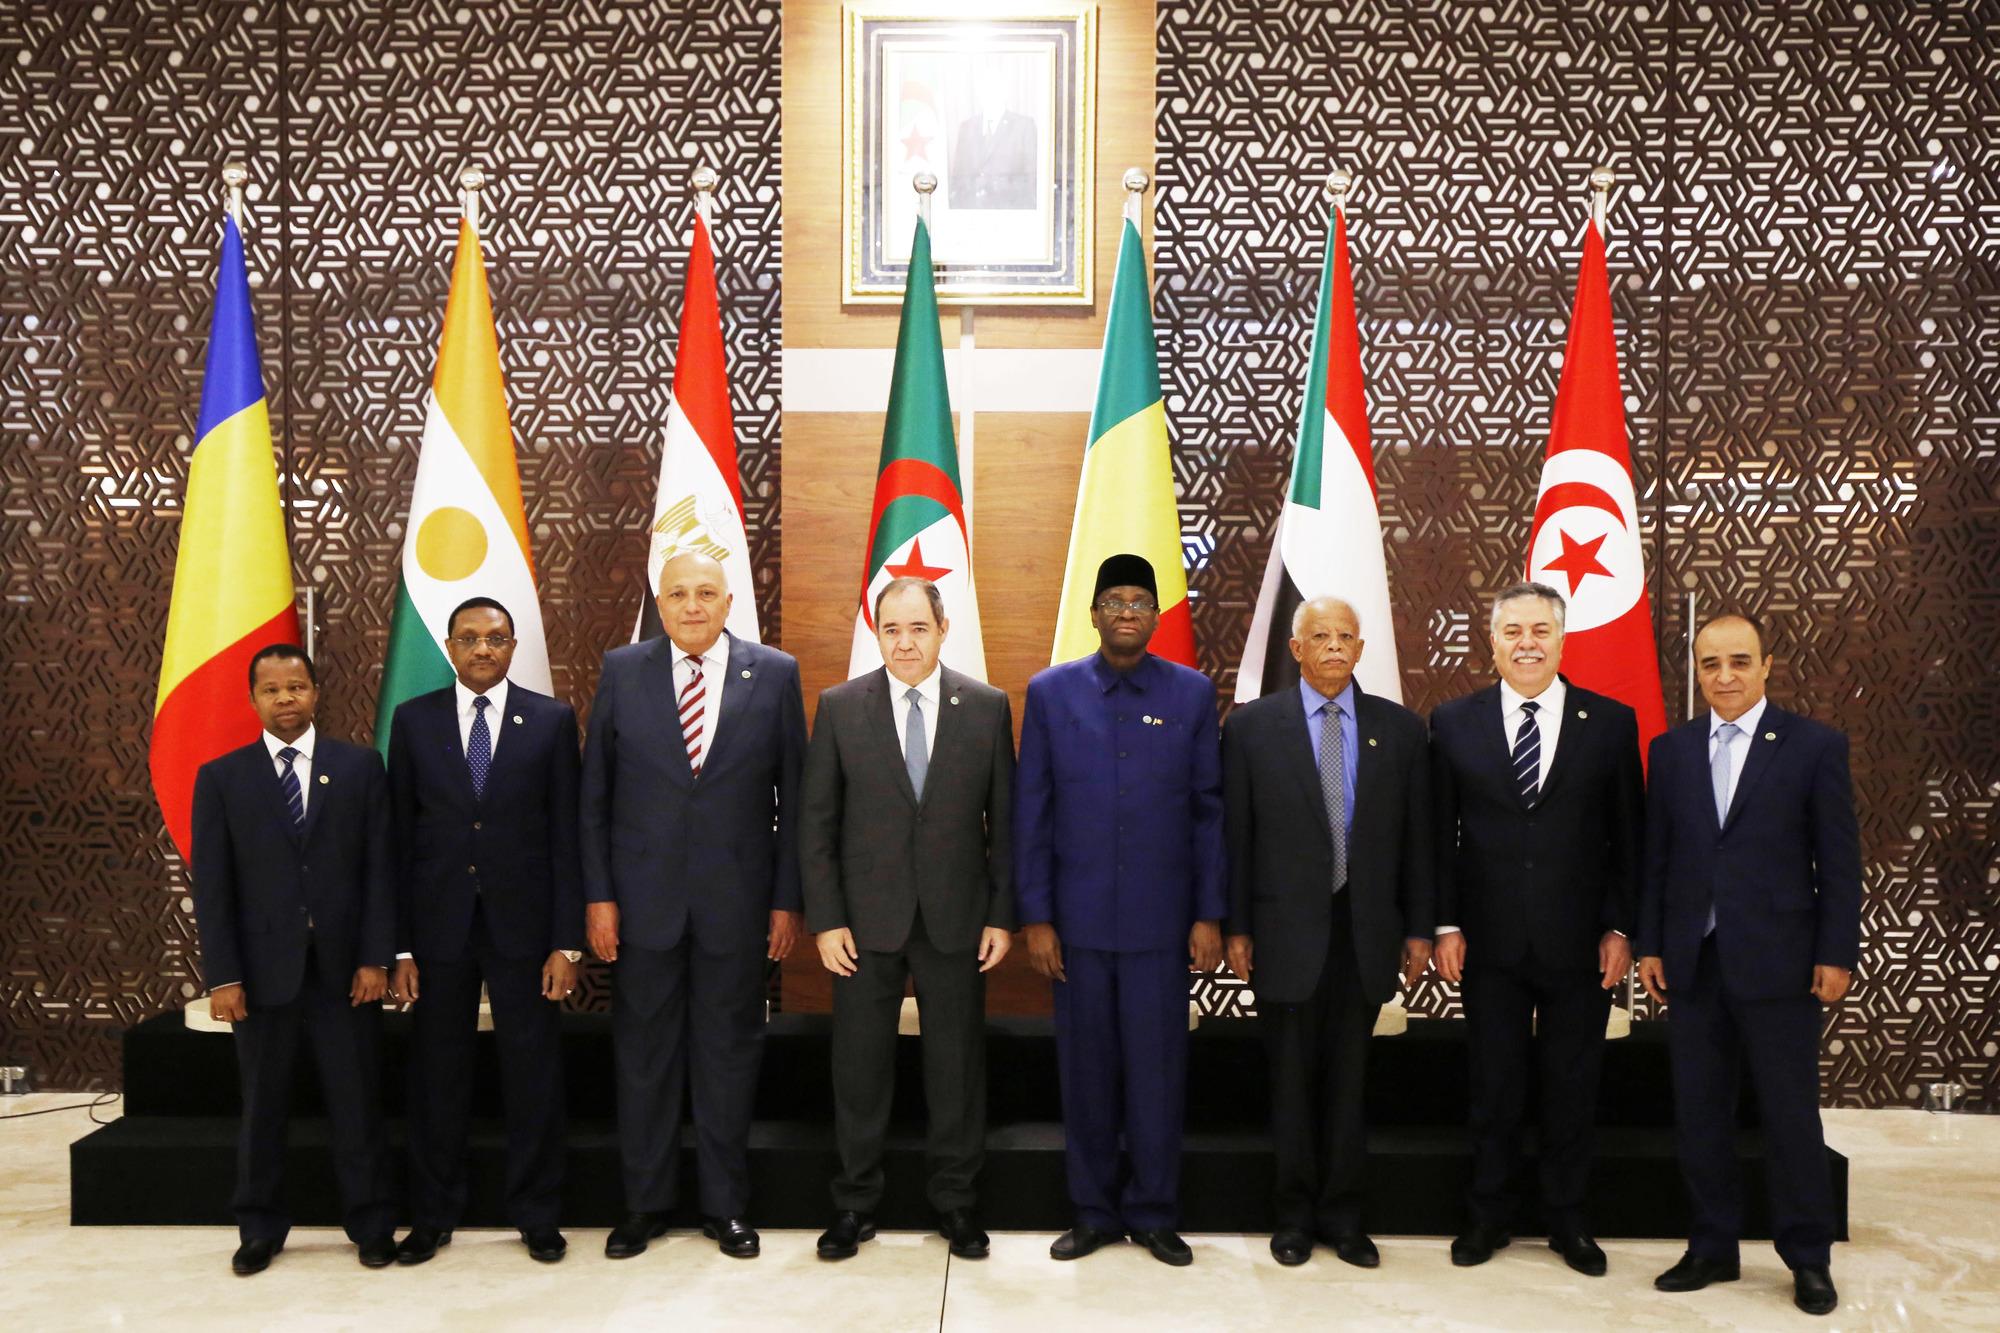 Le chef de la diplomatie algérienne Sabri Boukadoum entouré de ses pairs nigérian, tunisien, égyptien, soudanais, nigérien, tchadien et malien, le 23janvier dernier, à Alger.